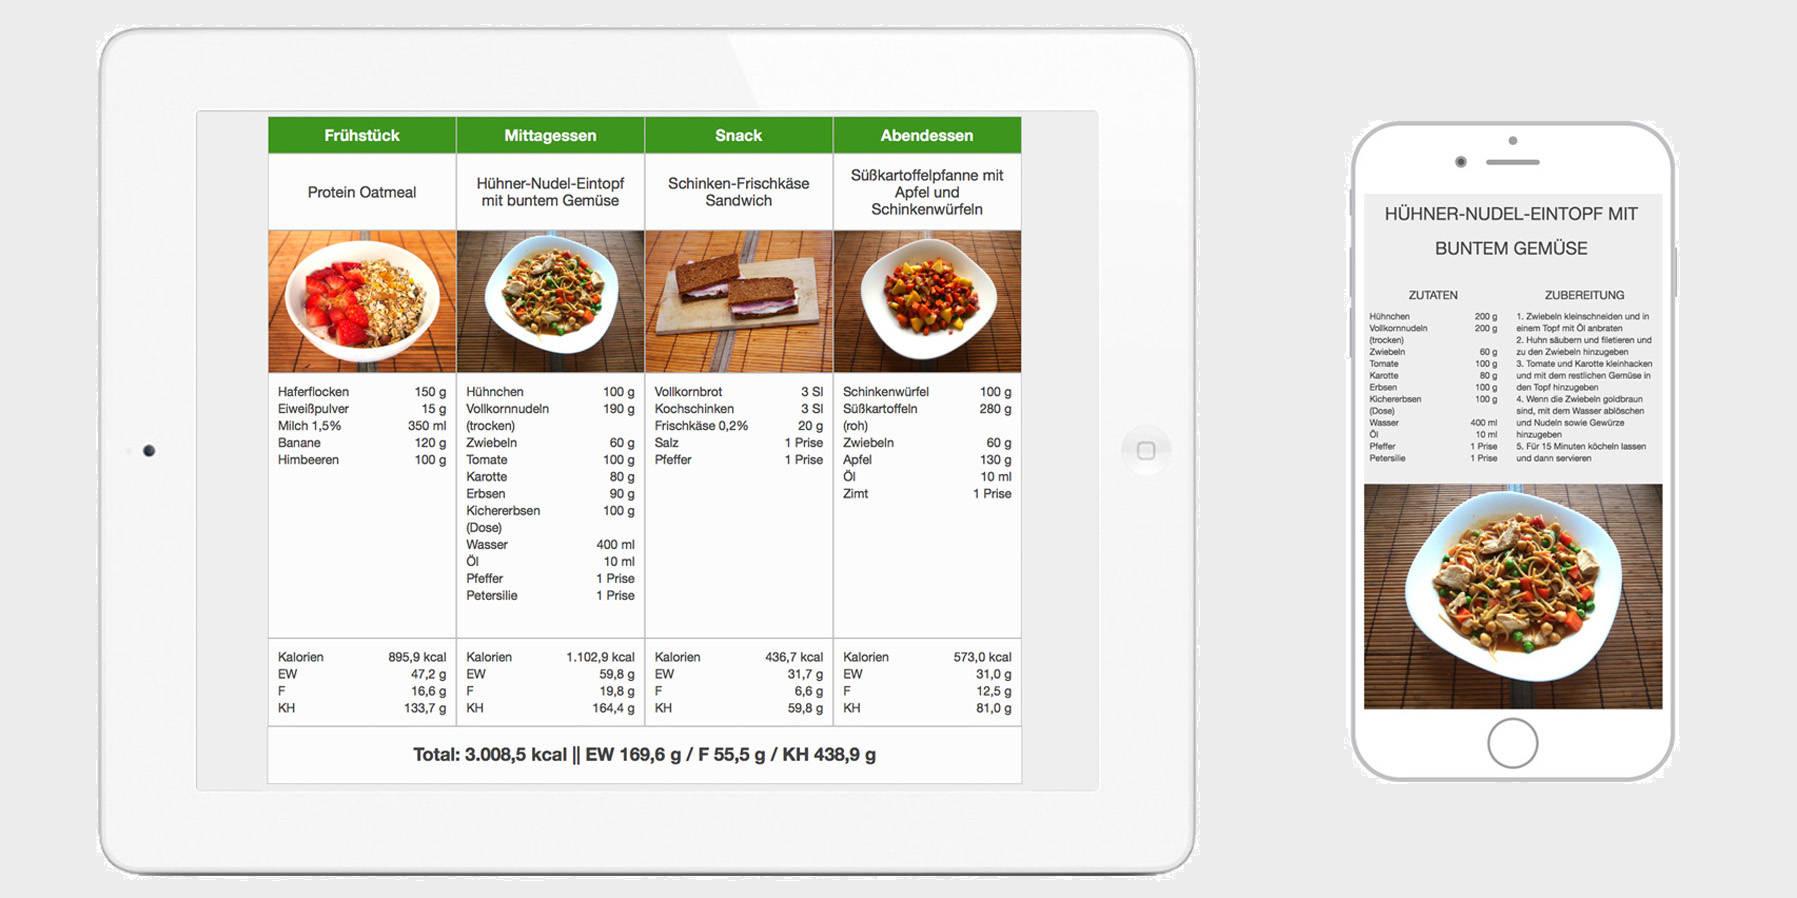 beispiel ernhrungsplan - Ernahrungsplan Beispiel